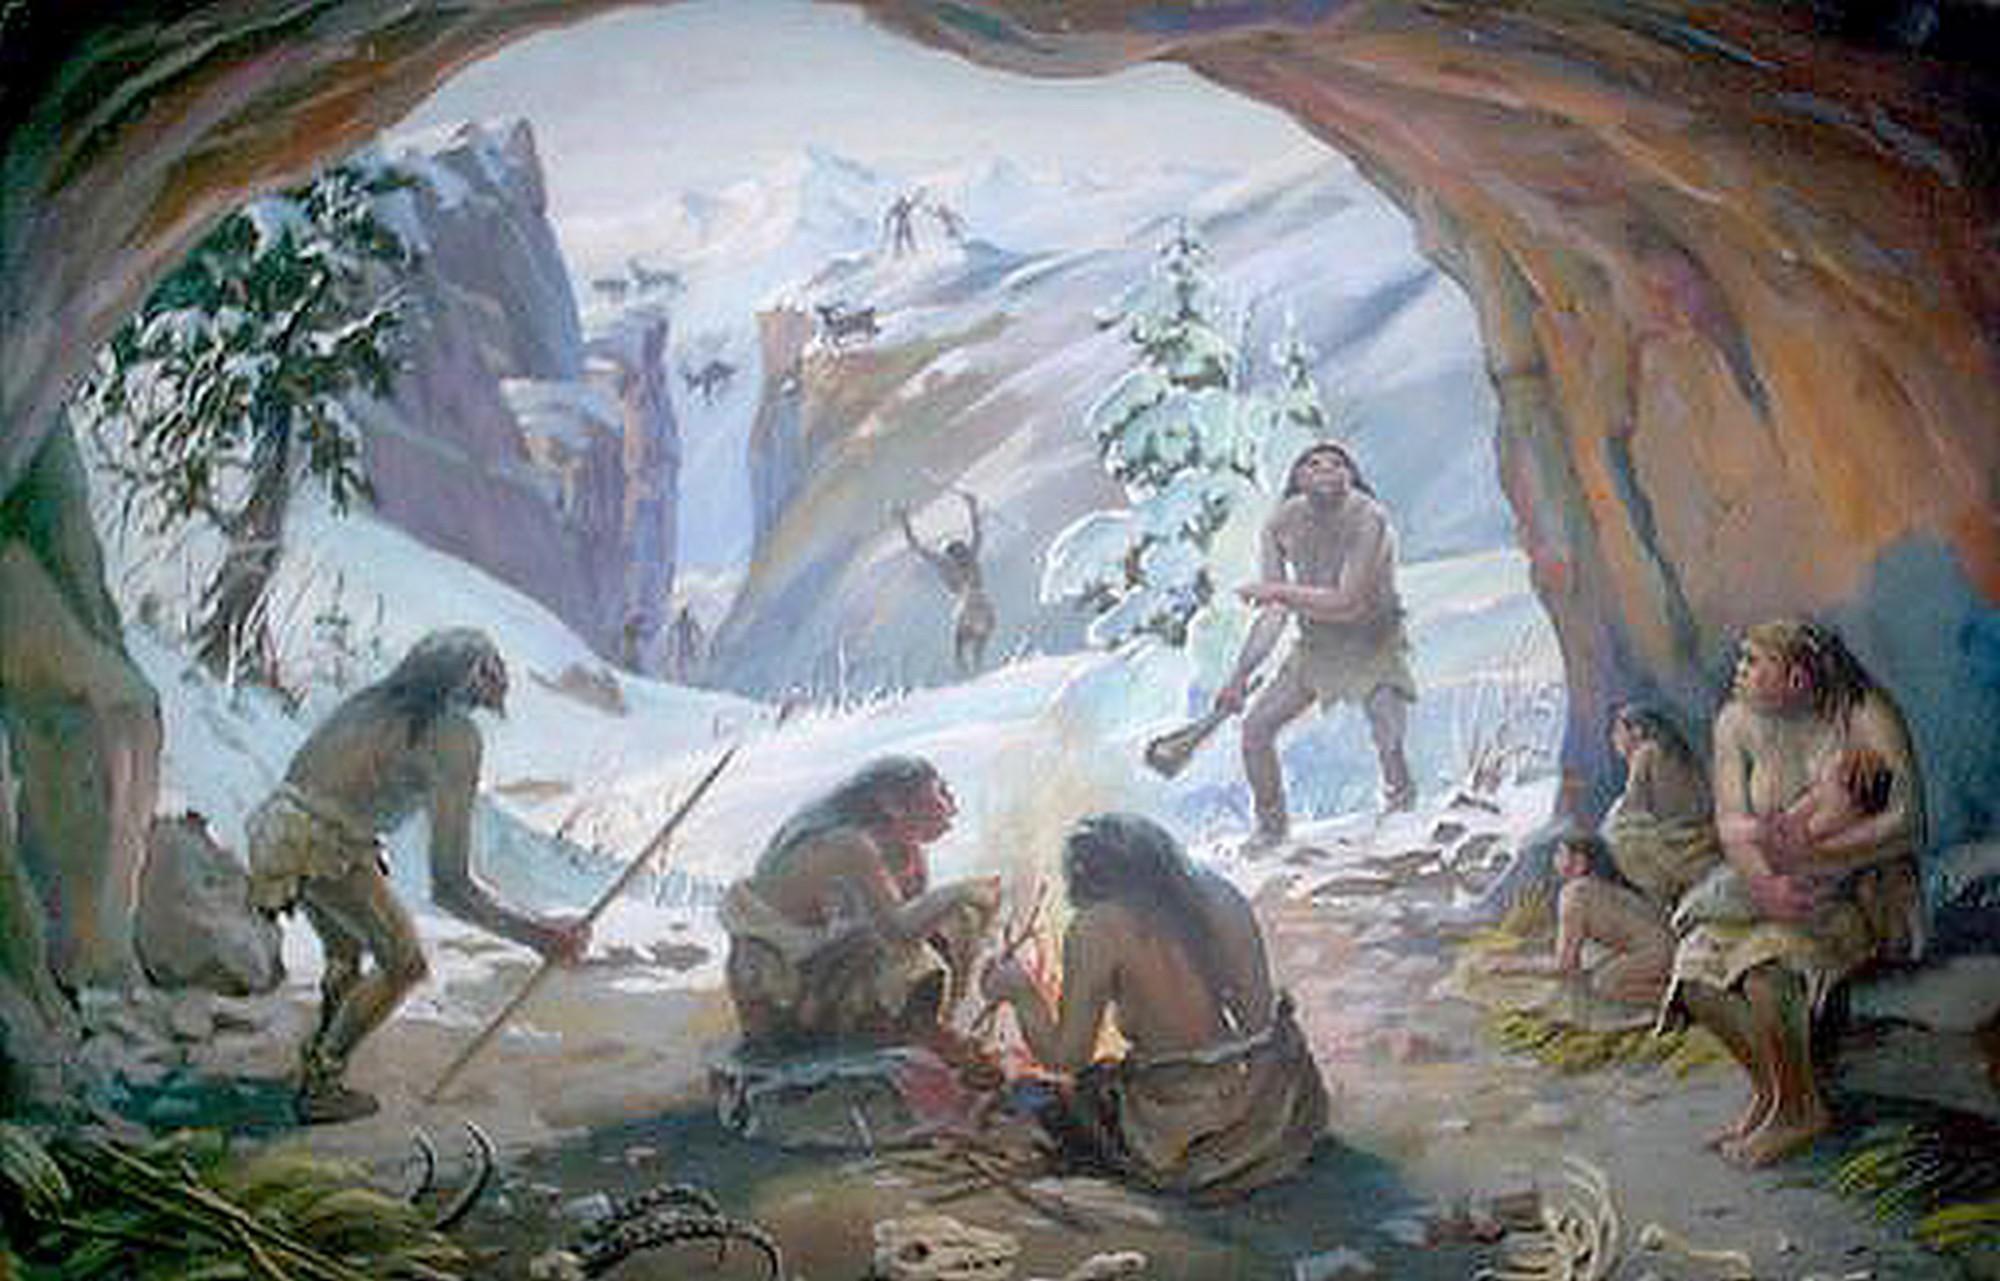 Группа неандертальцев зимой в пещере Тешик-Таш, Узбекистан (А.Я. Стимбан, Государственный музей природы Узбекистана).